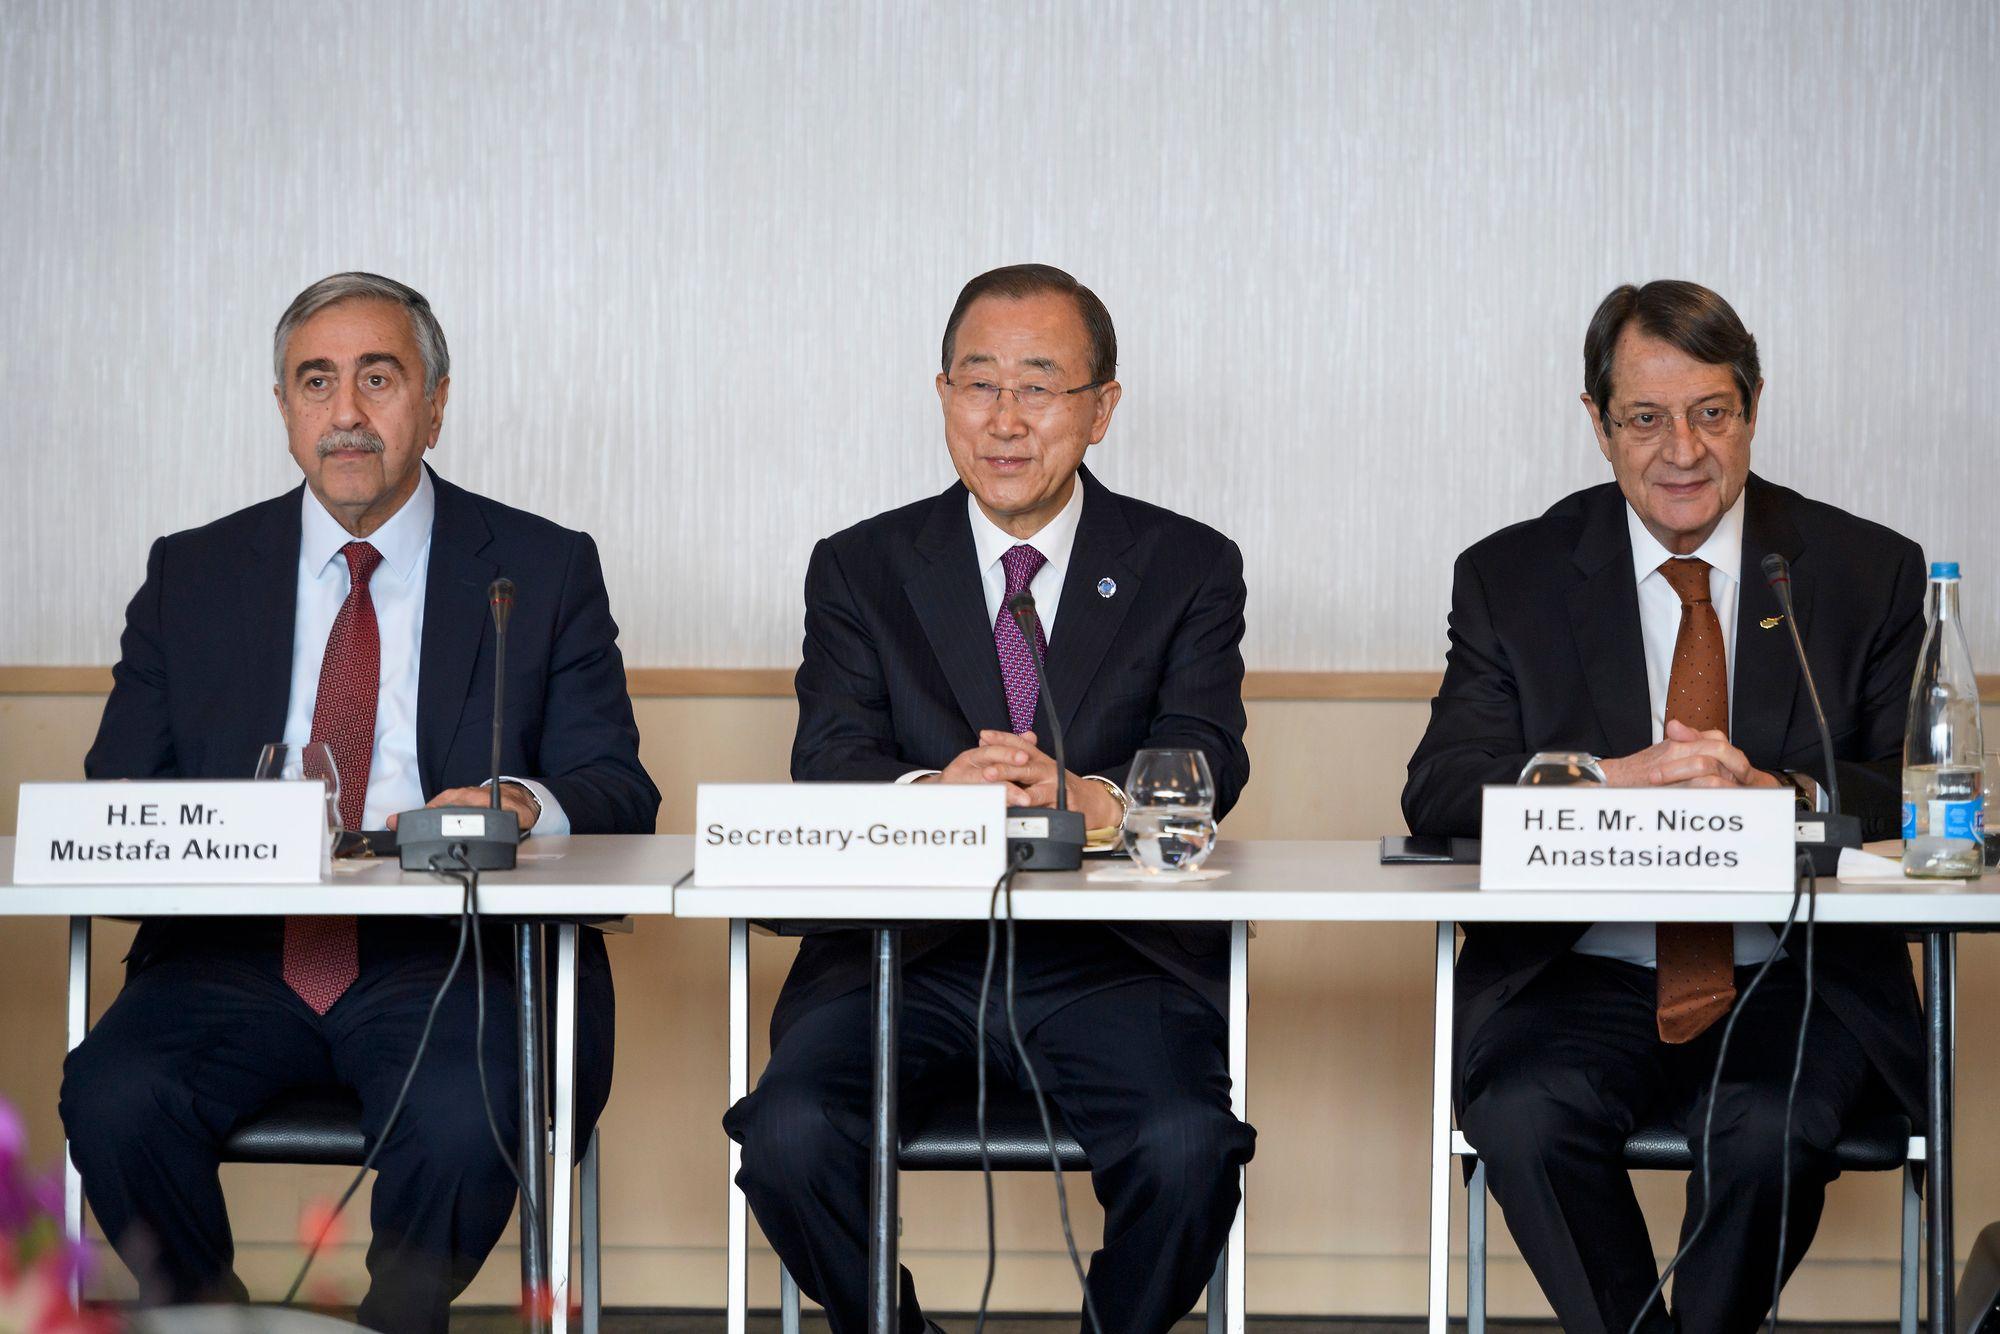 Les négociations continuent en vue d'une réunification — Chypre